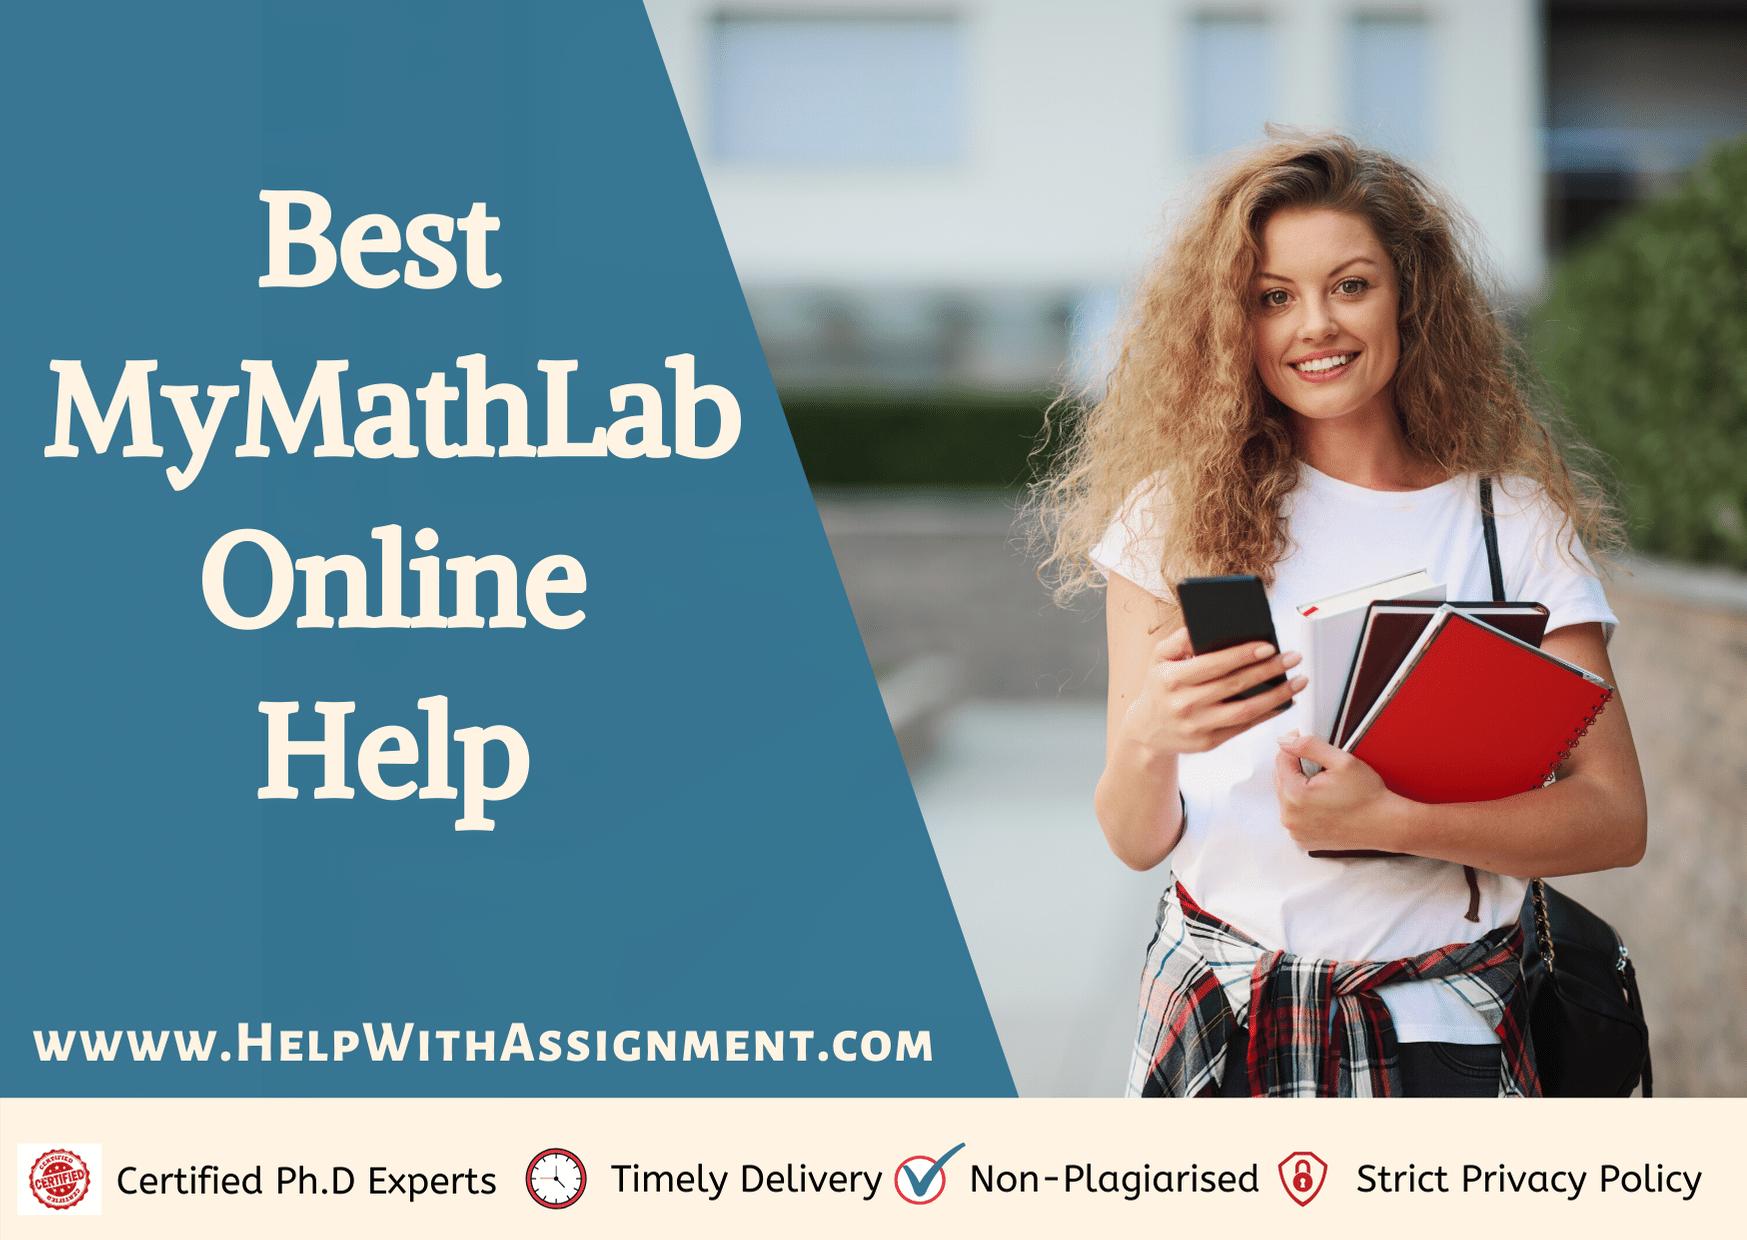 MyMathLab Online Help